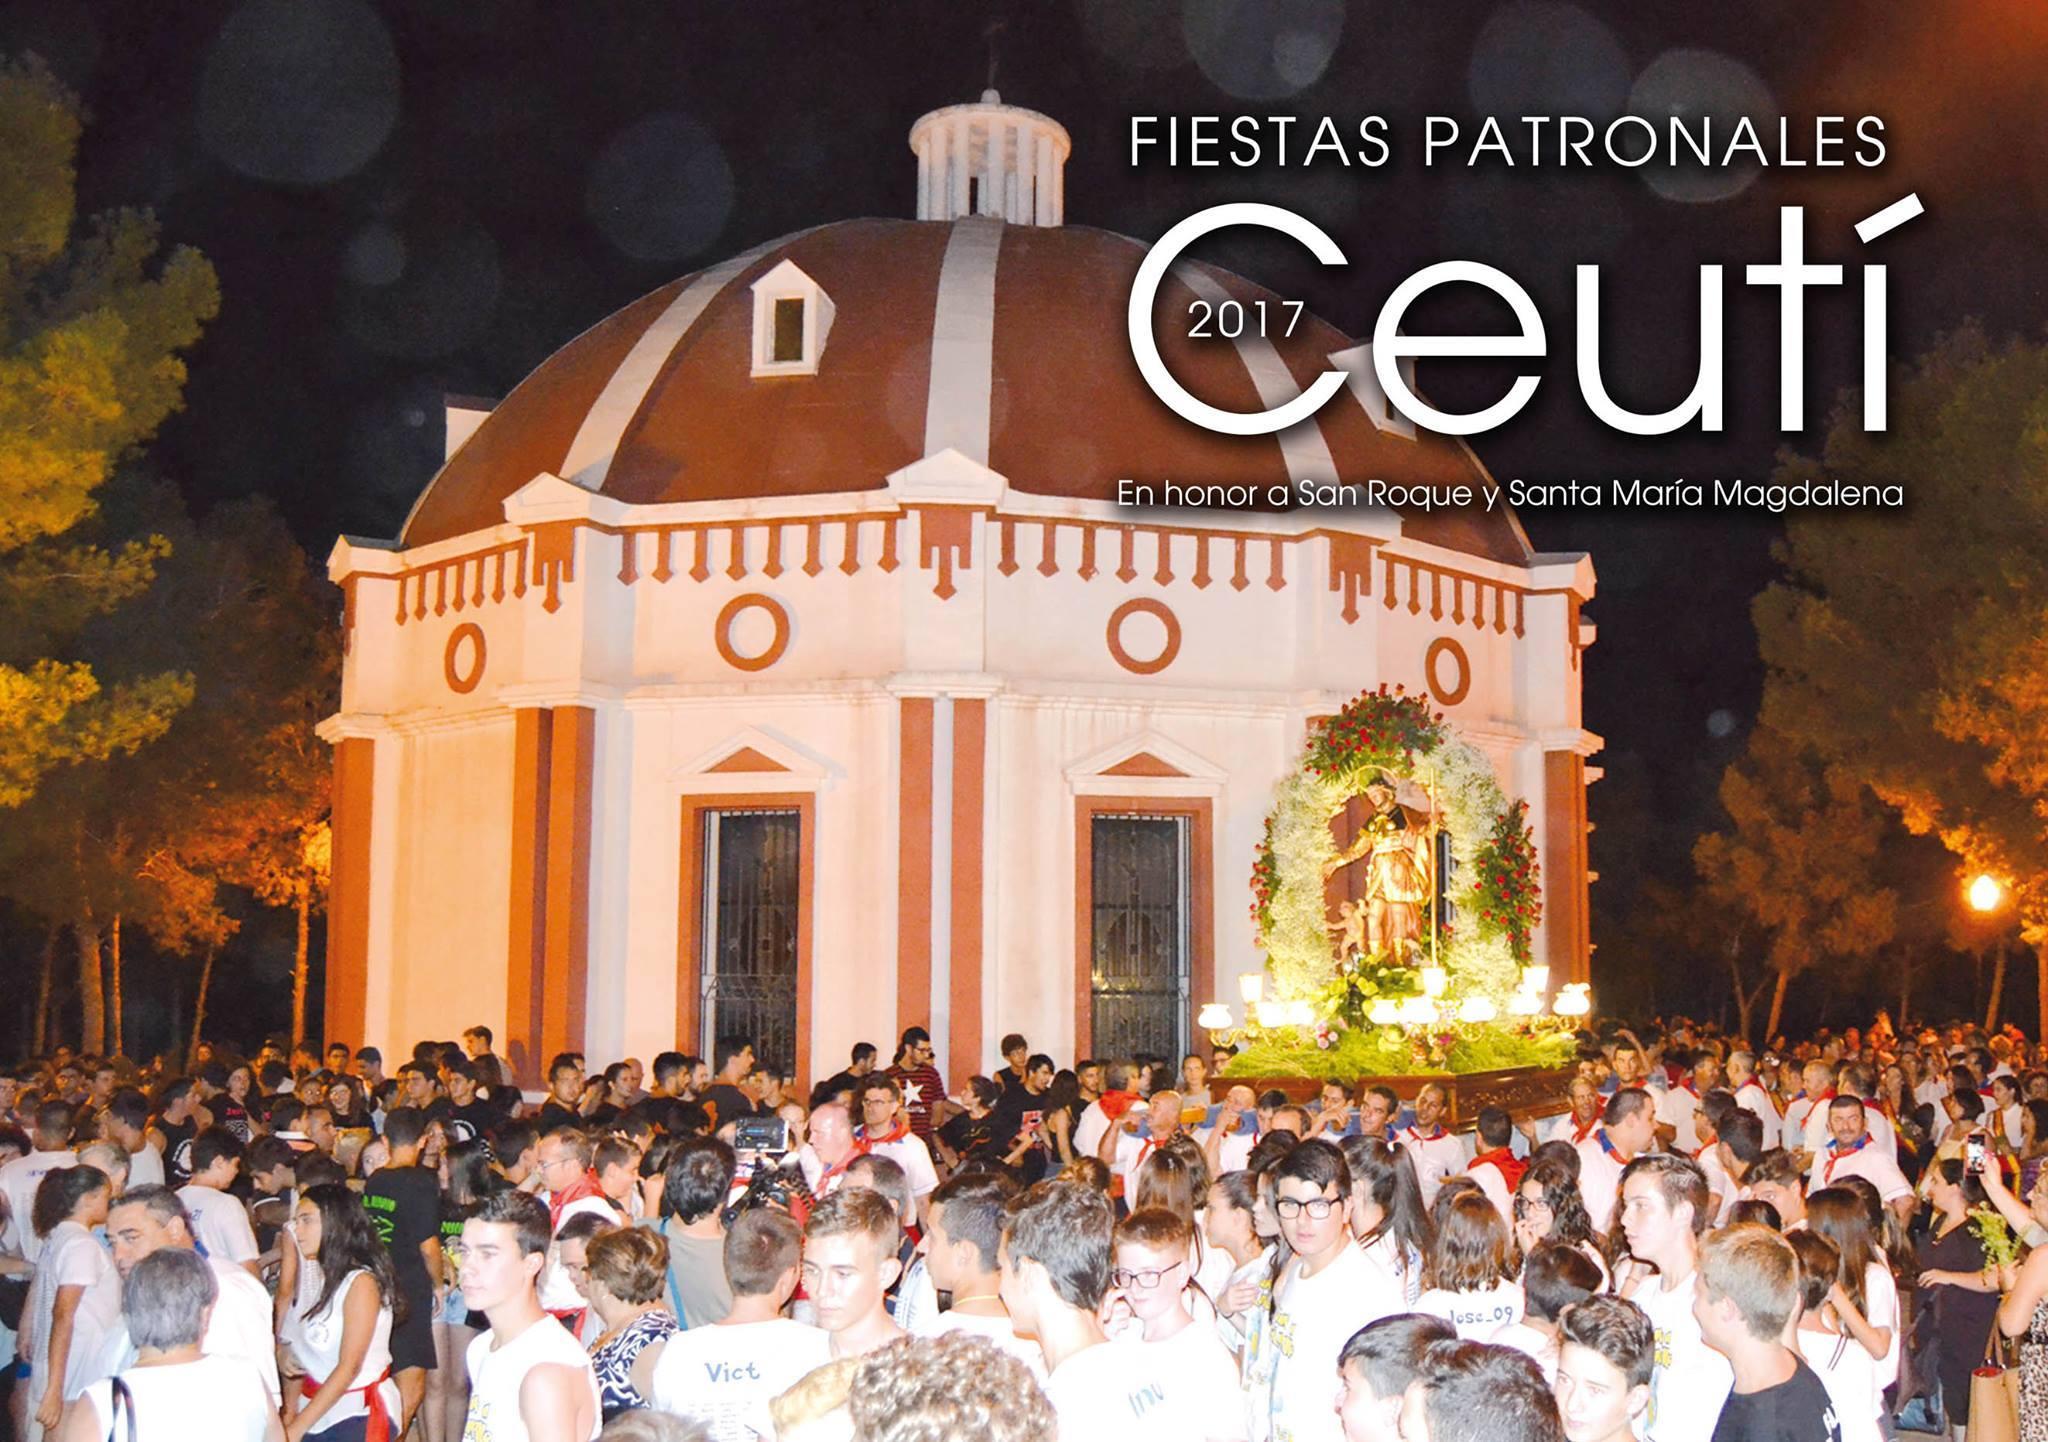 Fiestas de Ceutí 2017